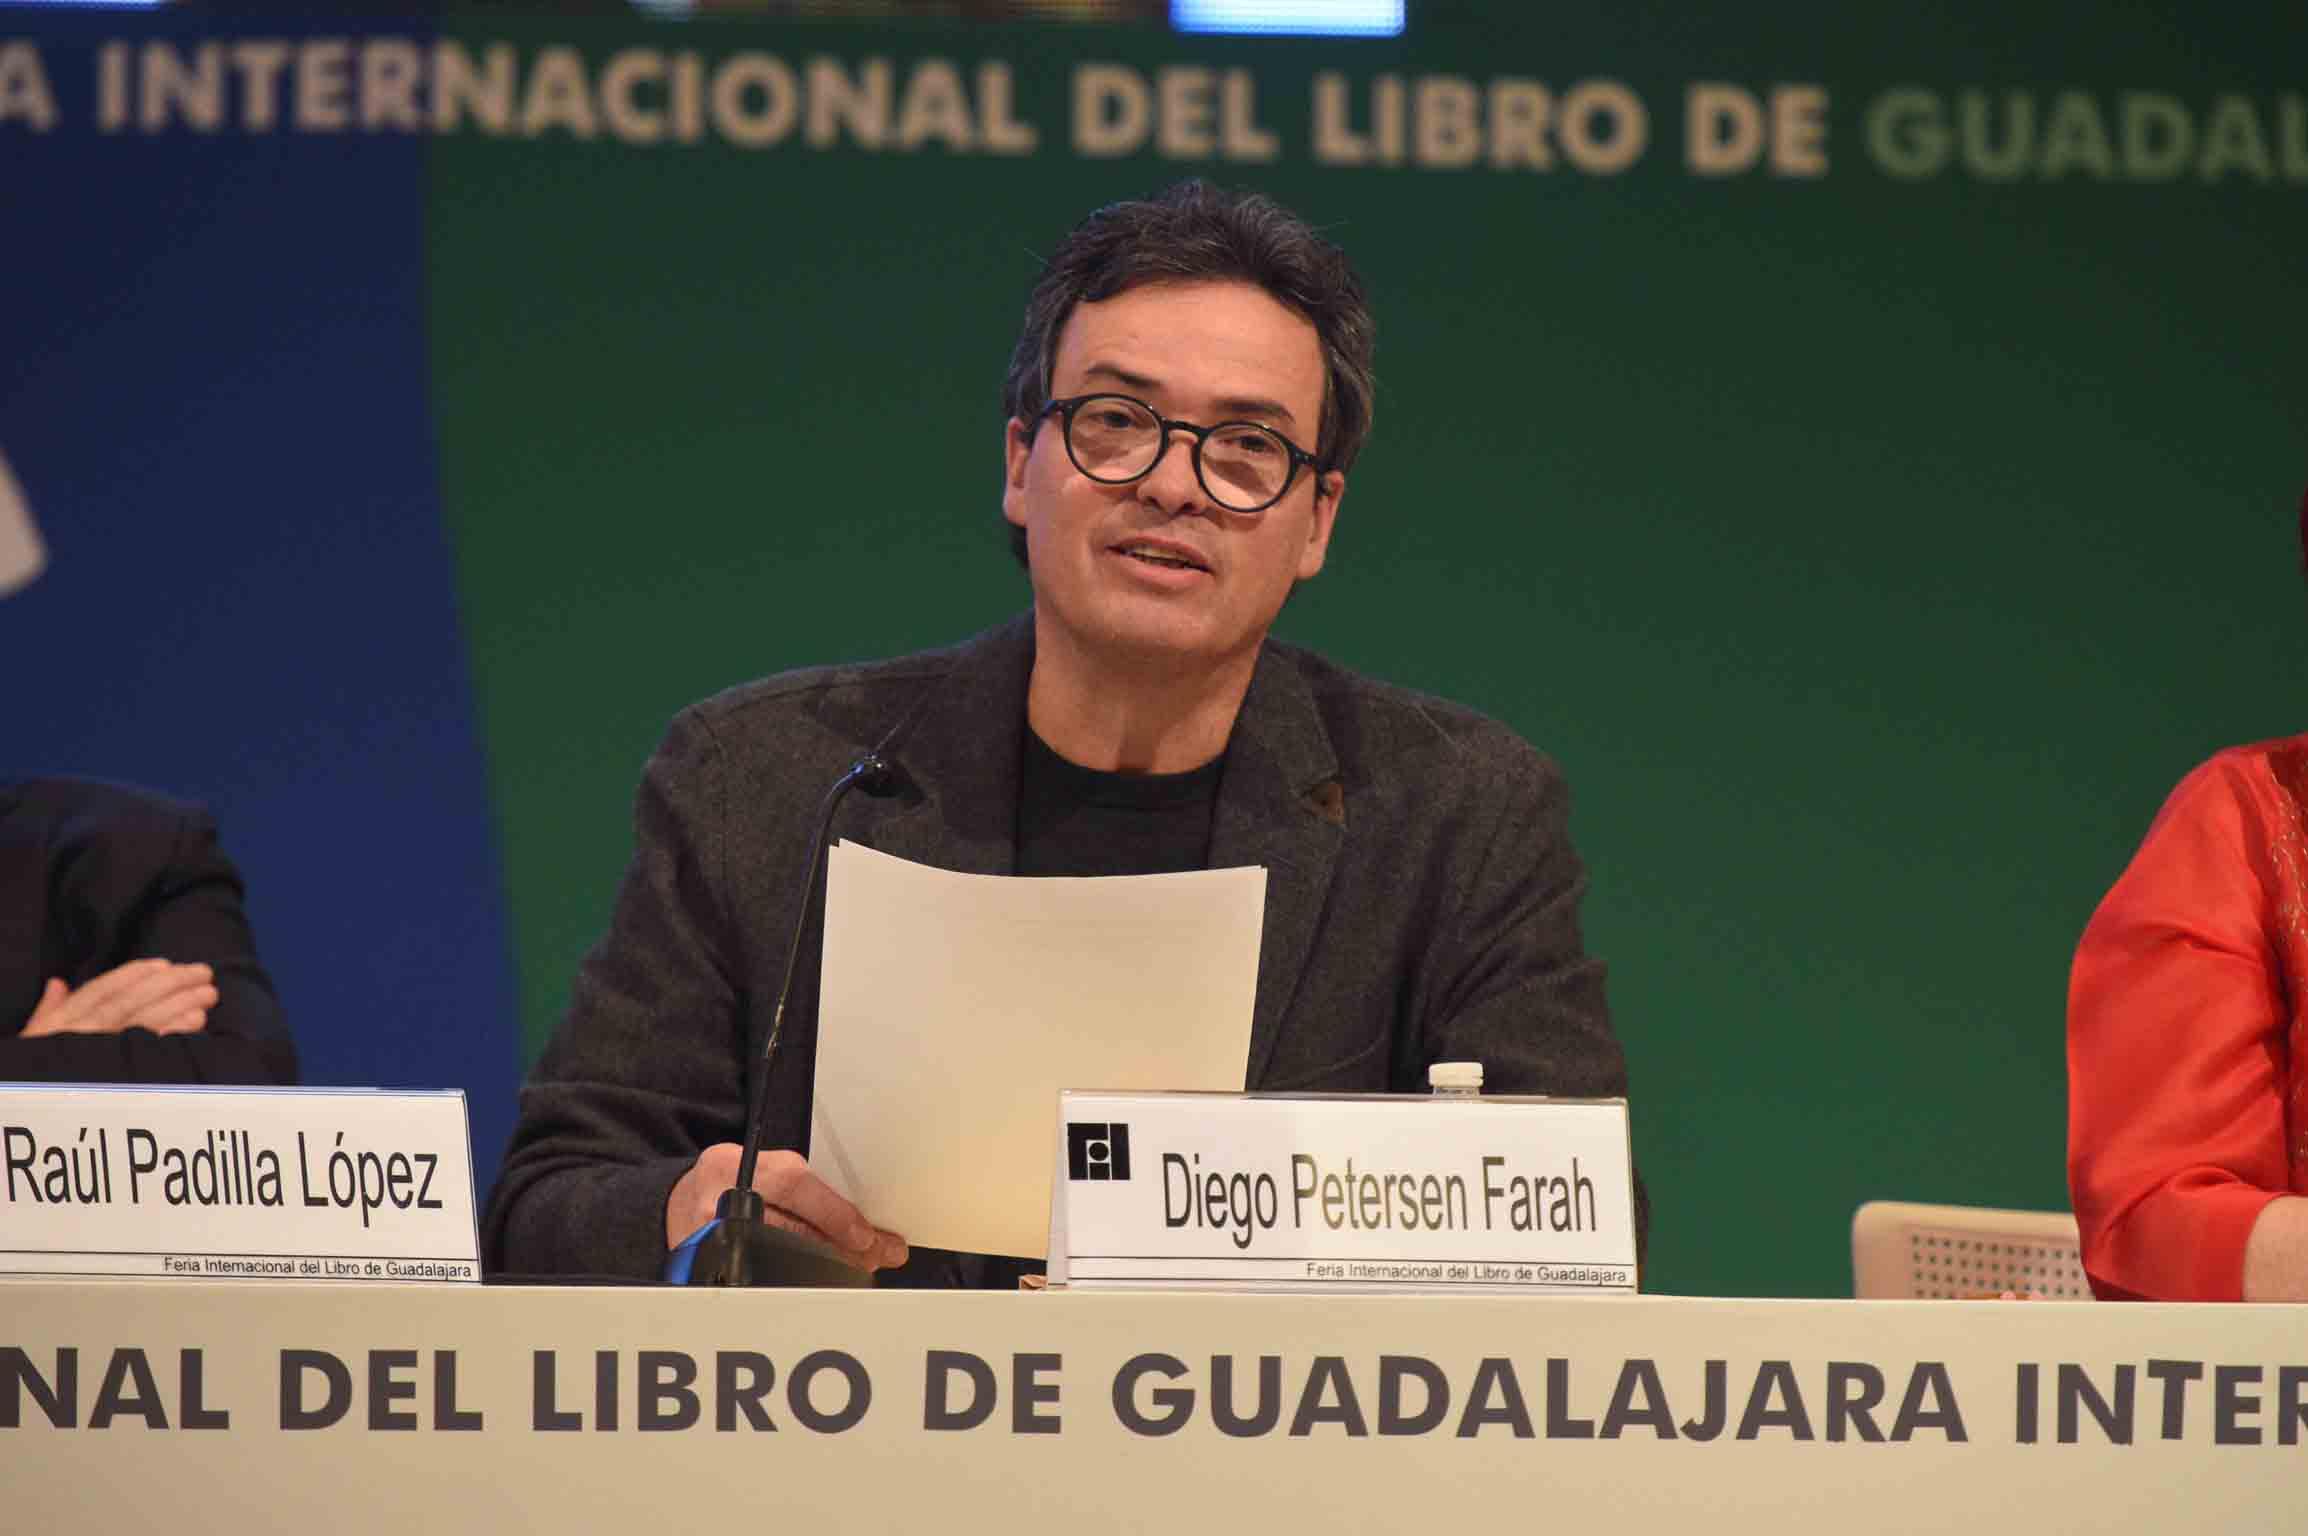 Diego Petersen Farah participando en el homenaje a Benito Taibo